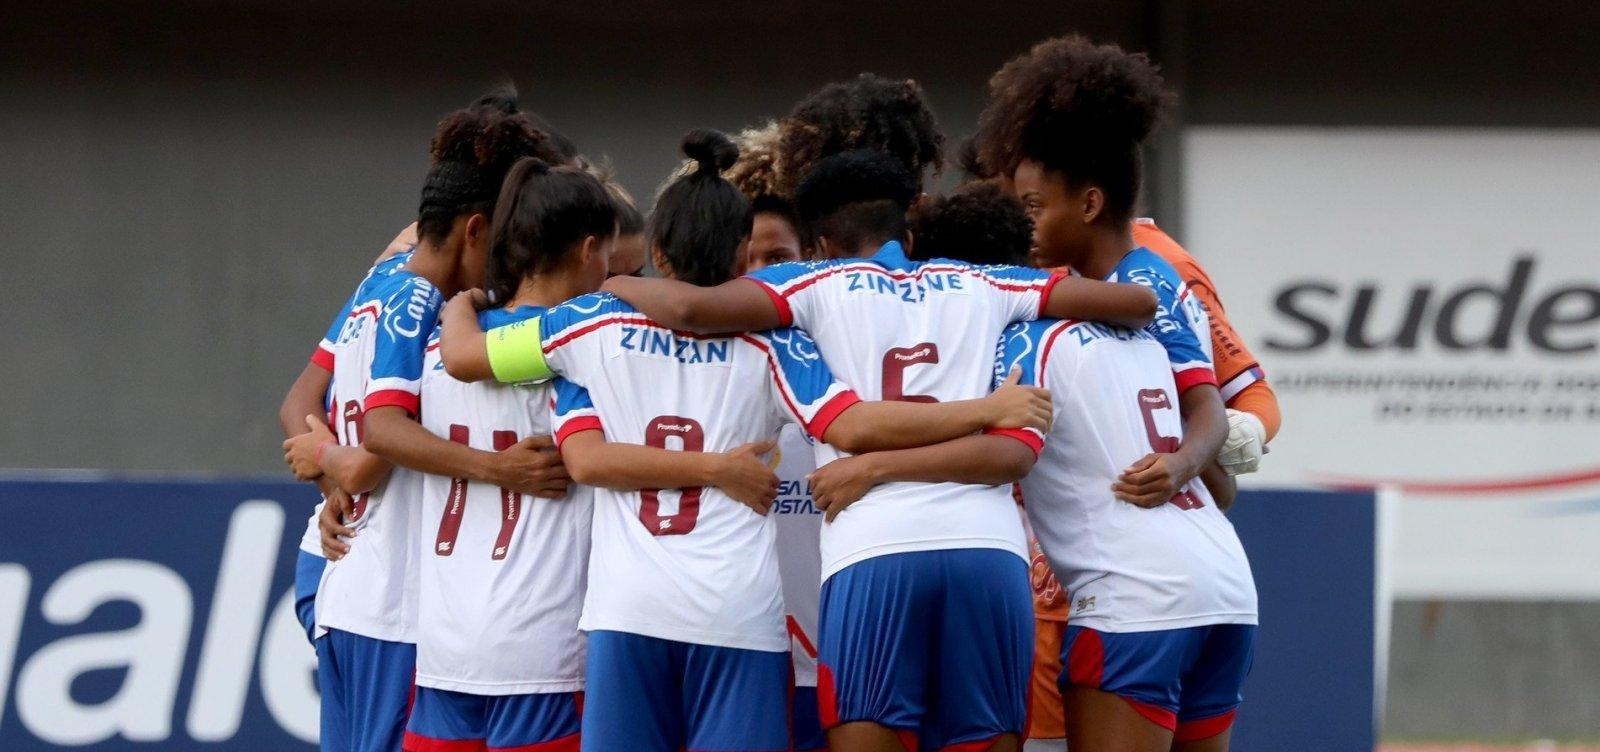 Sem nenhum triunfo, time feminino do Bahia é rebaixado com uma rodada de antecedência